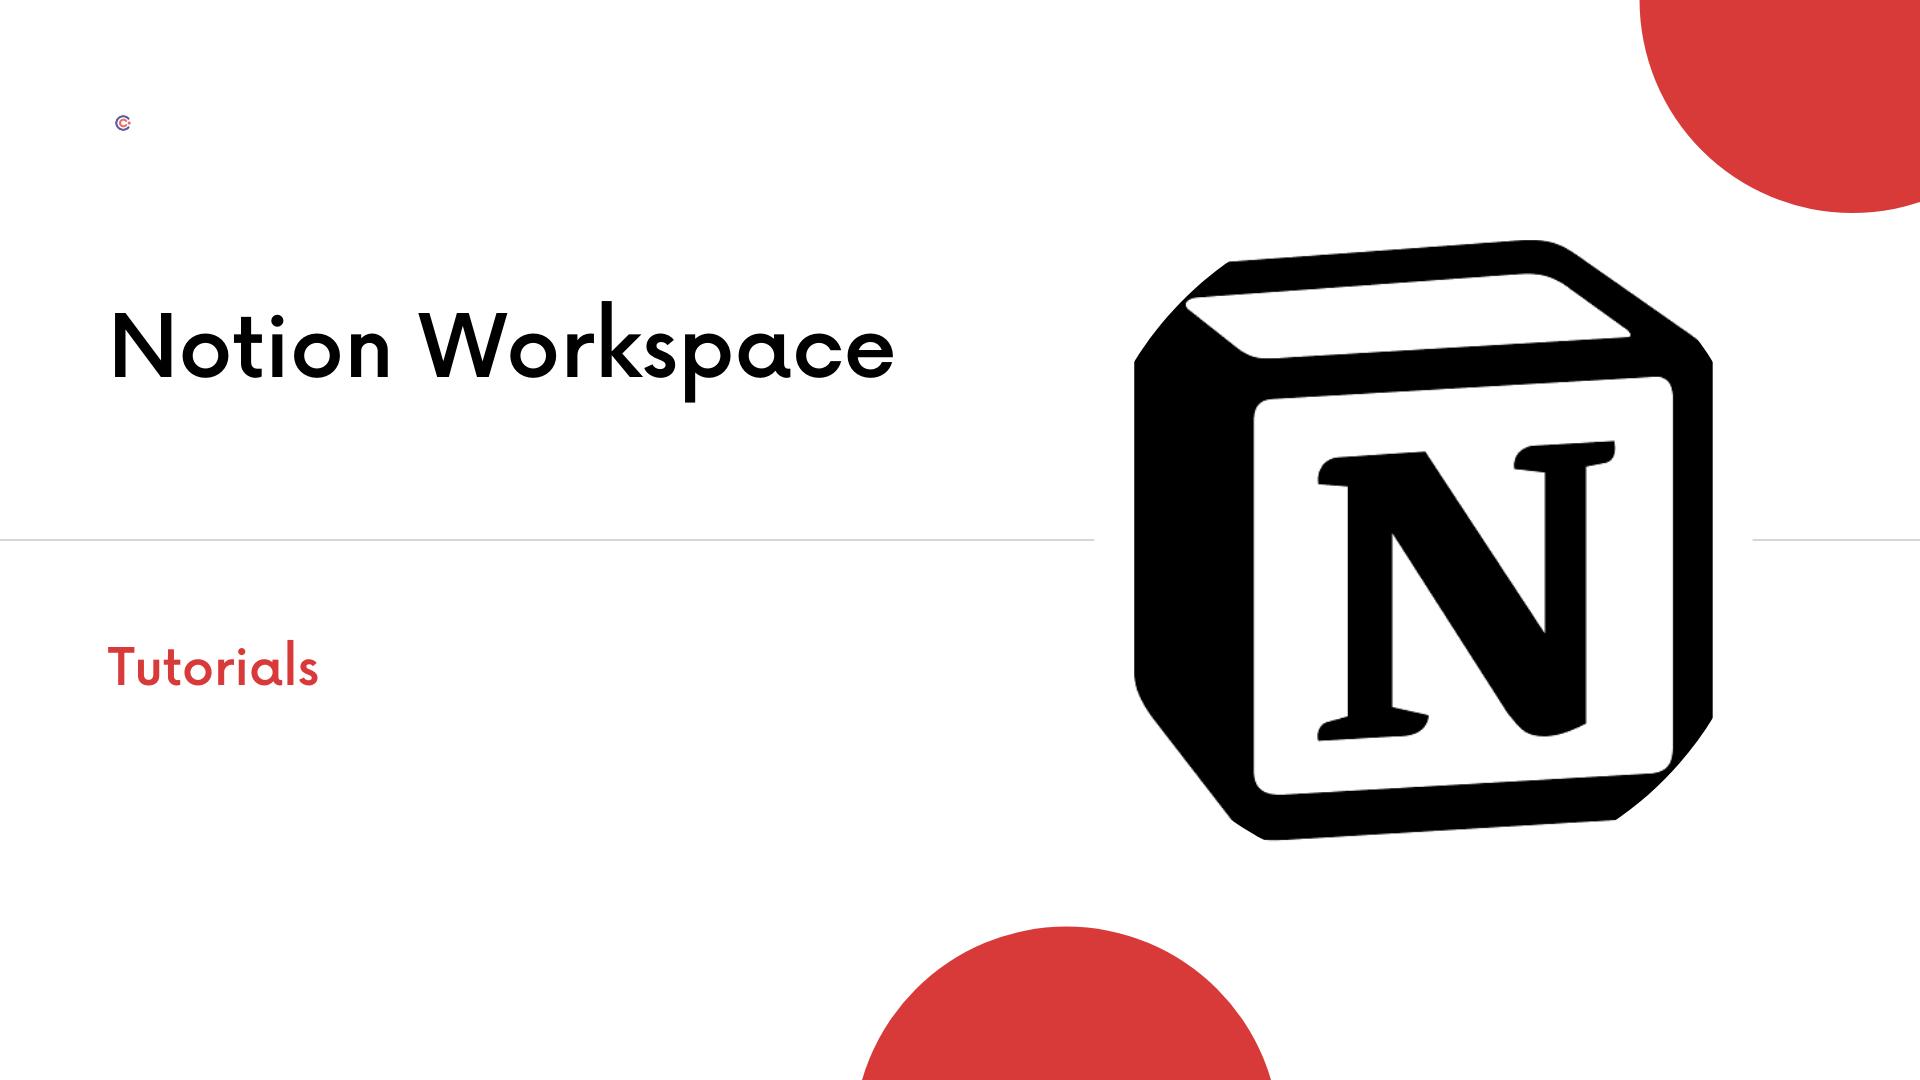 5 Best Notion Tutorials - Learn Notion Workspace Online